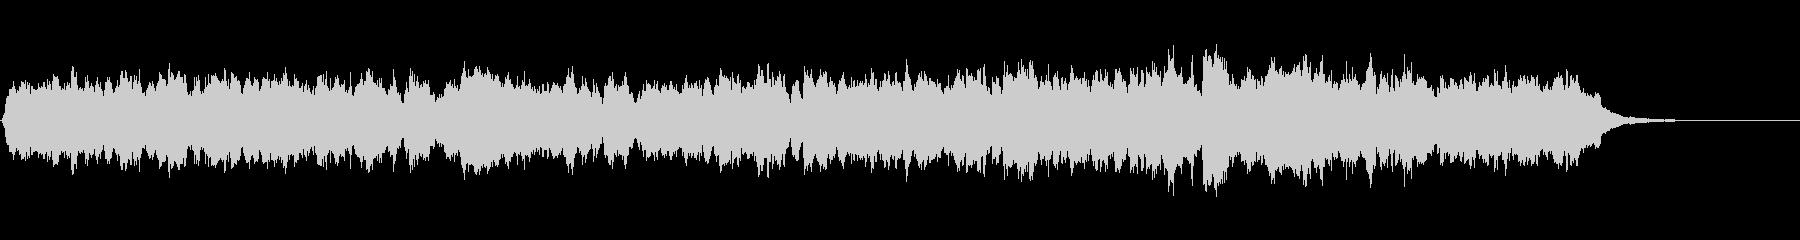 映像用の軽い弦アレンジの小曲の未再生の波形